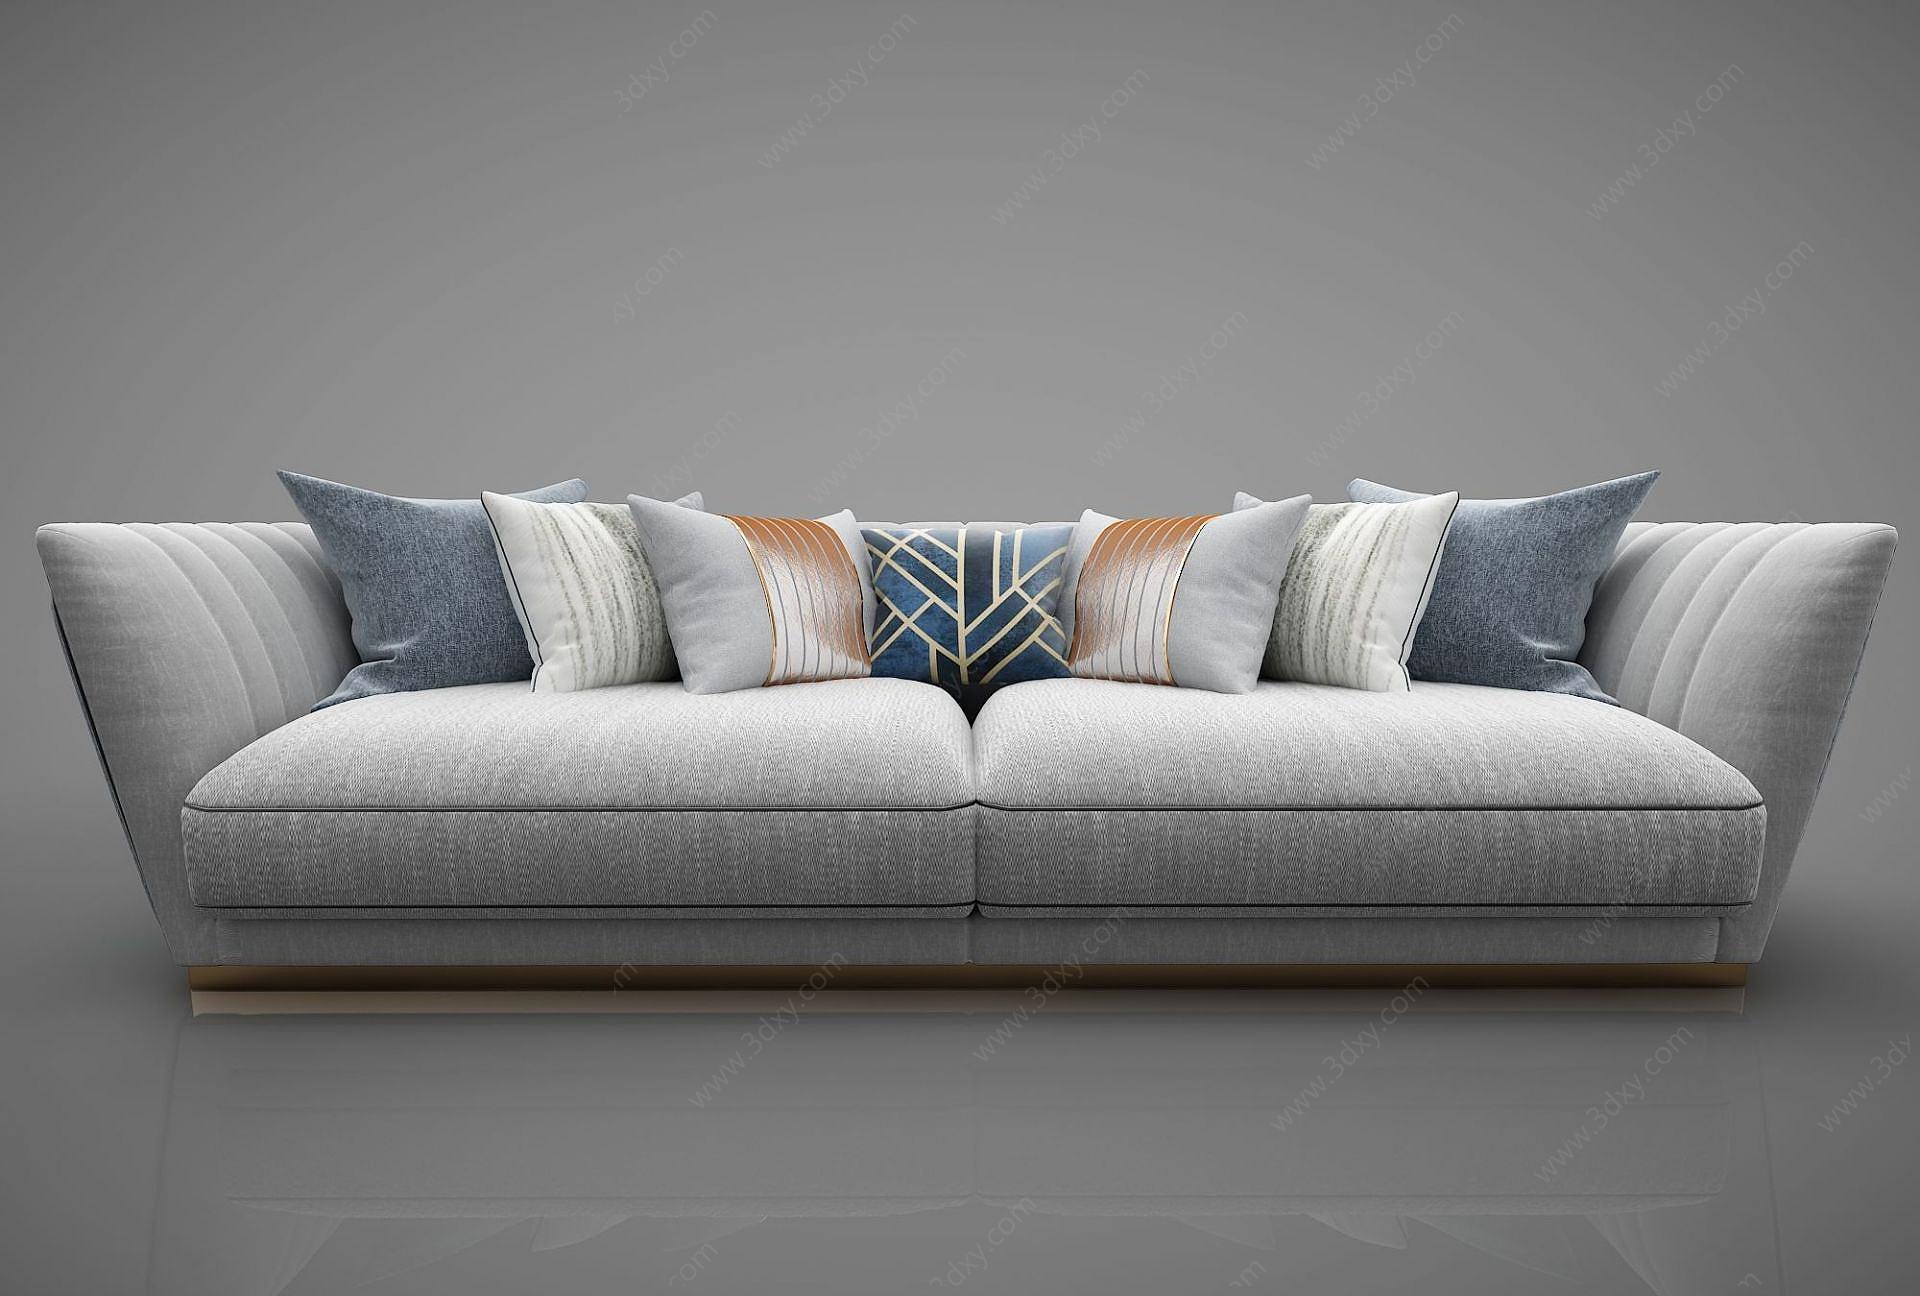 現代風格休閑沙發